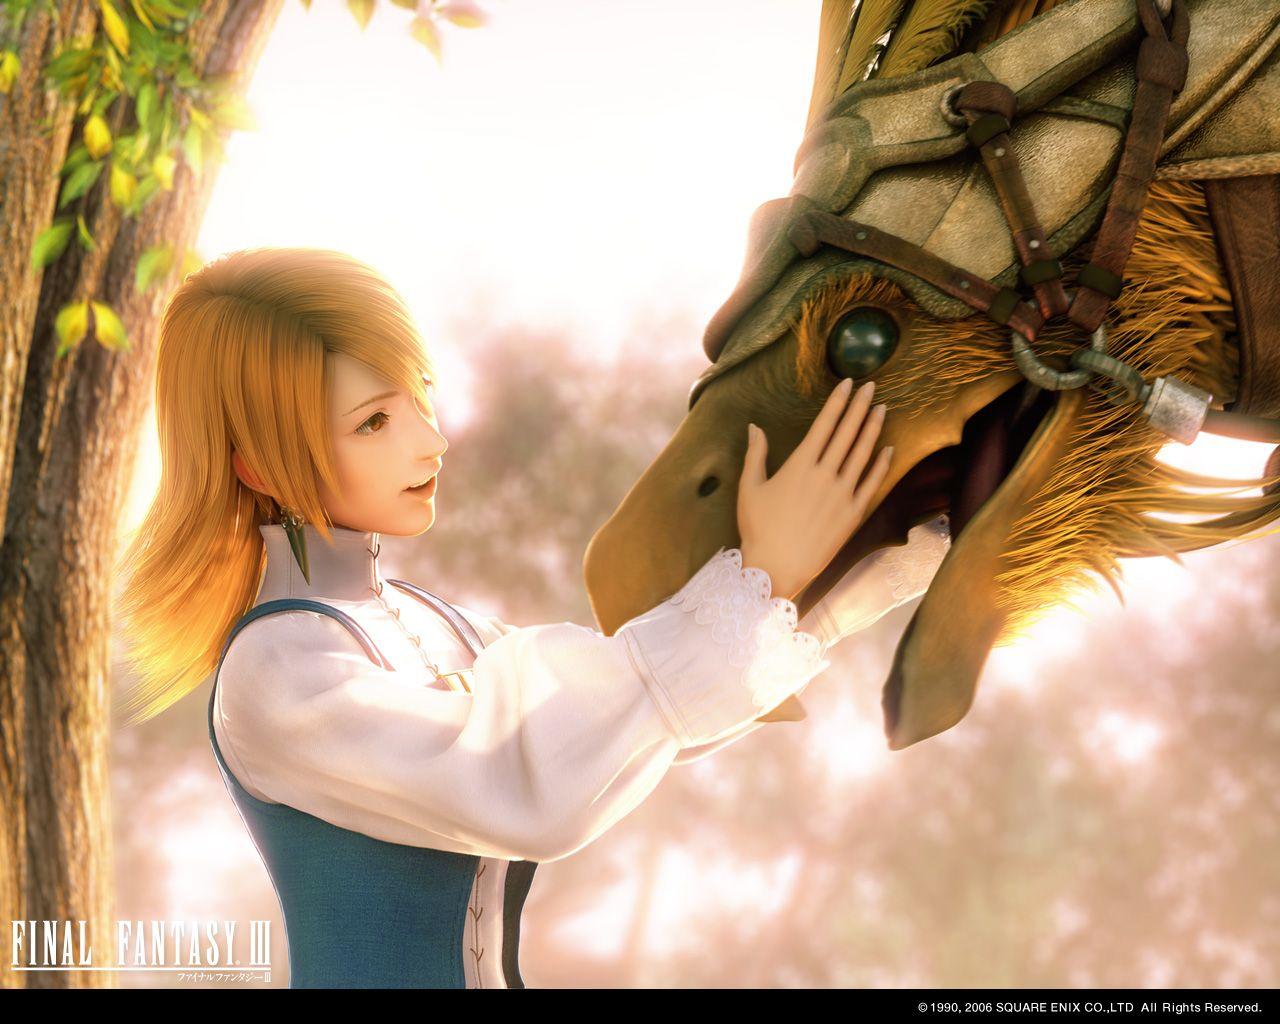 Final Fantasy 3 Wallpaper Final Fantasy Final Fantasy 3 Final